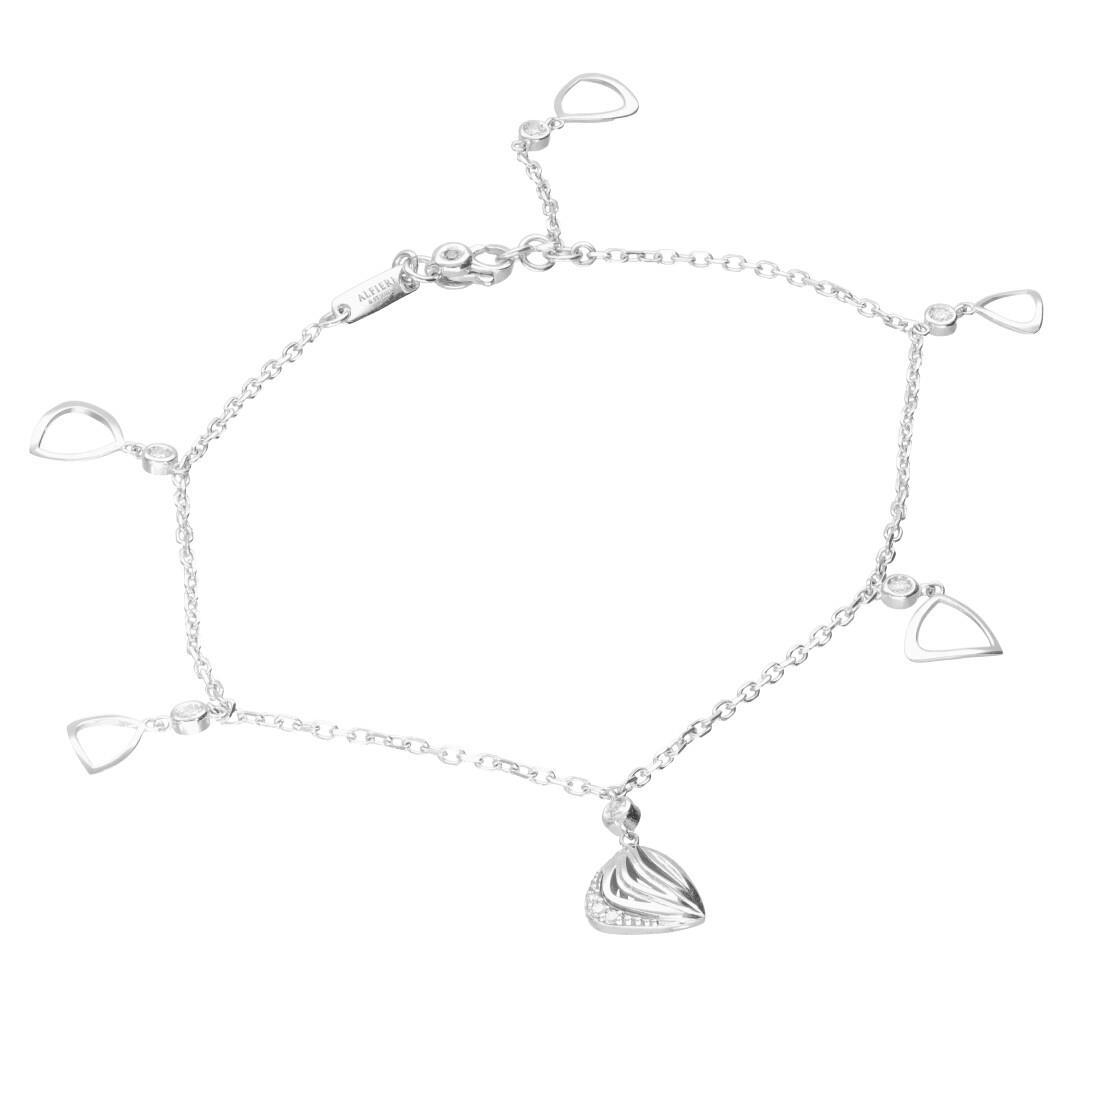 Bracciale in oro bianco con diamanti ct. 0,08 - ALFIERI & ST. JOHN